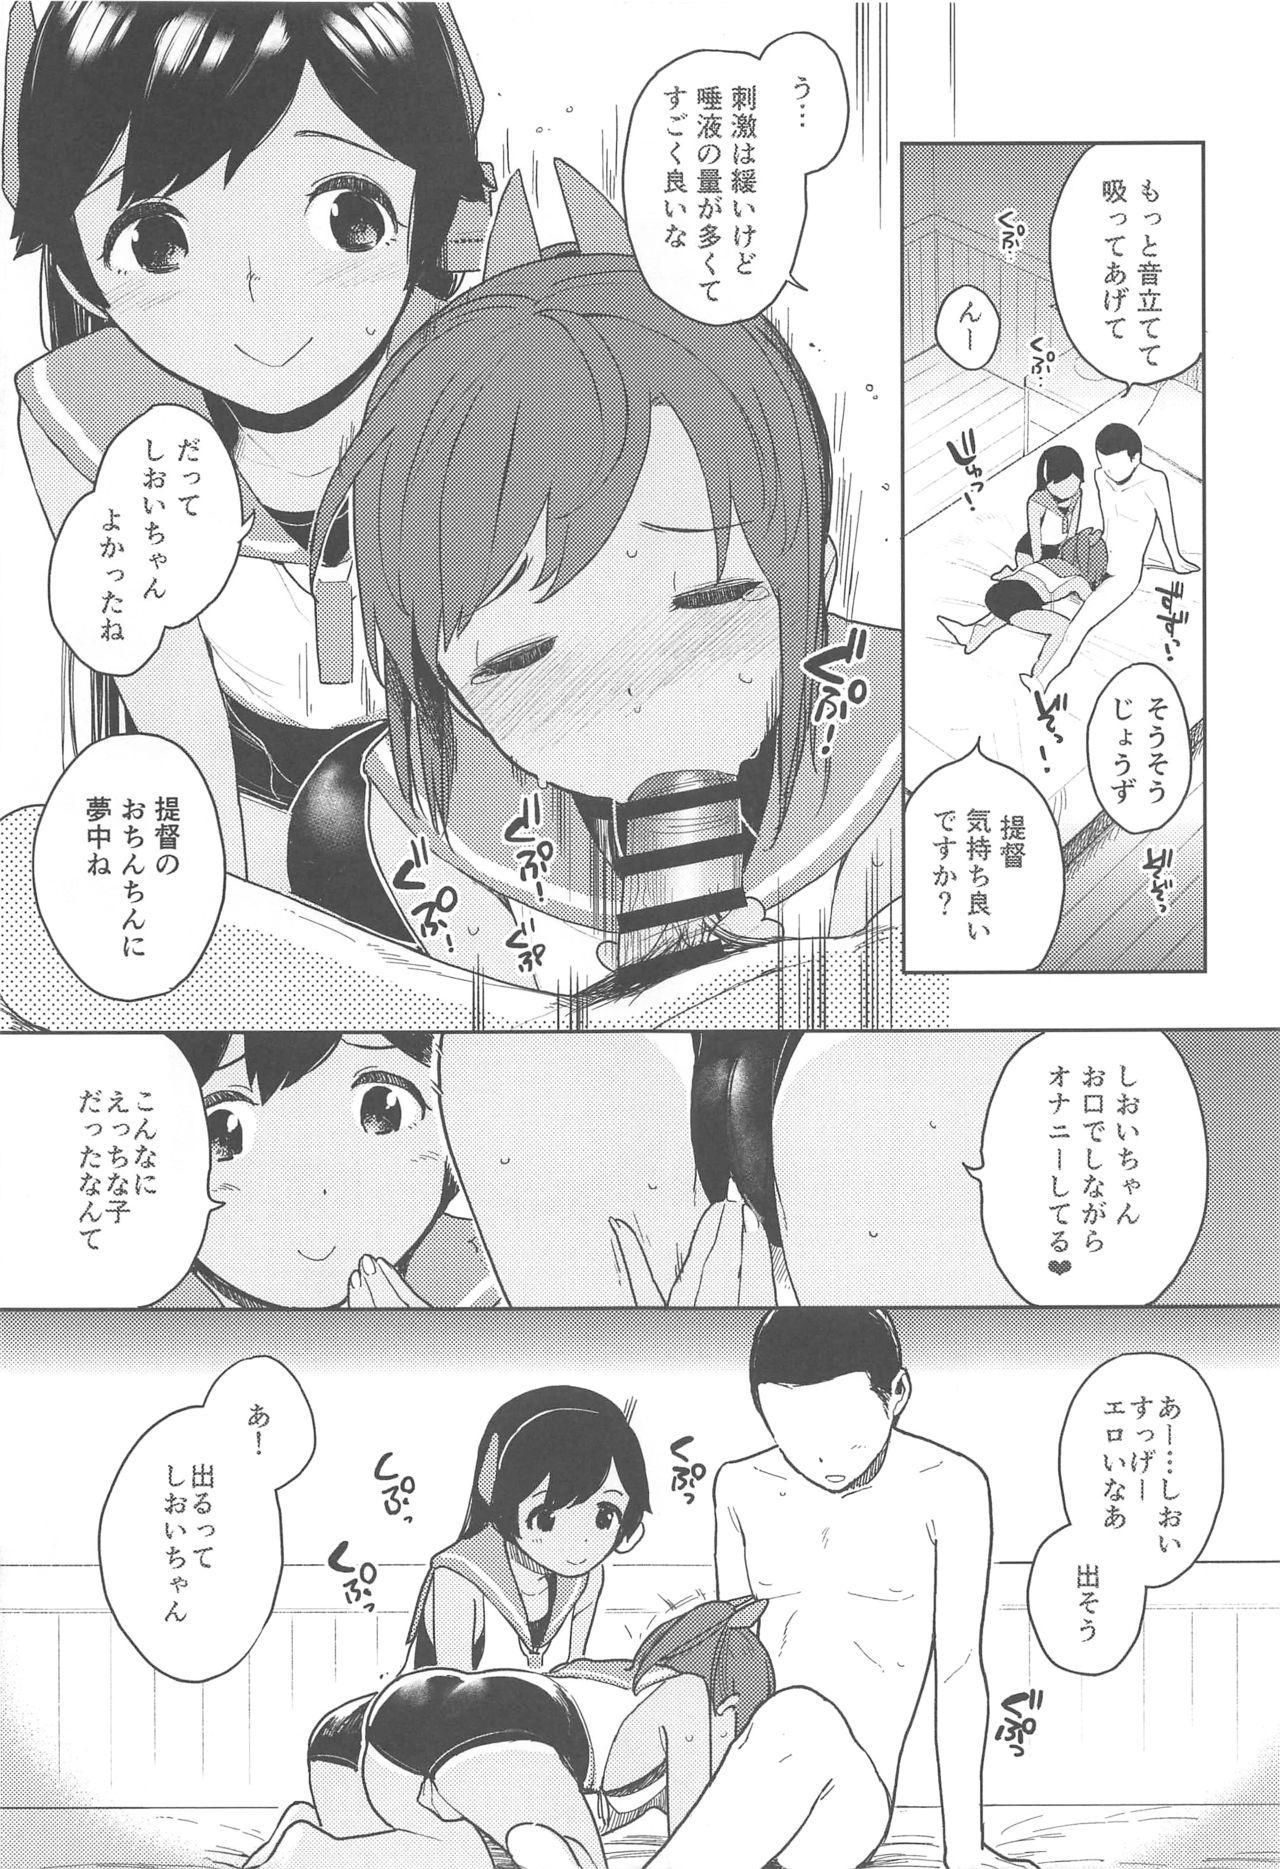 (COMIC1☆13) [Sashimi no Wife (Shiden)] I-400-gata no Himitsu (Kantai Collection -KanColle-) 13